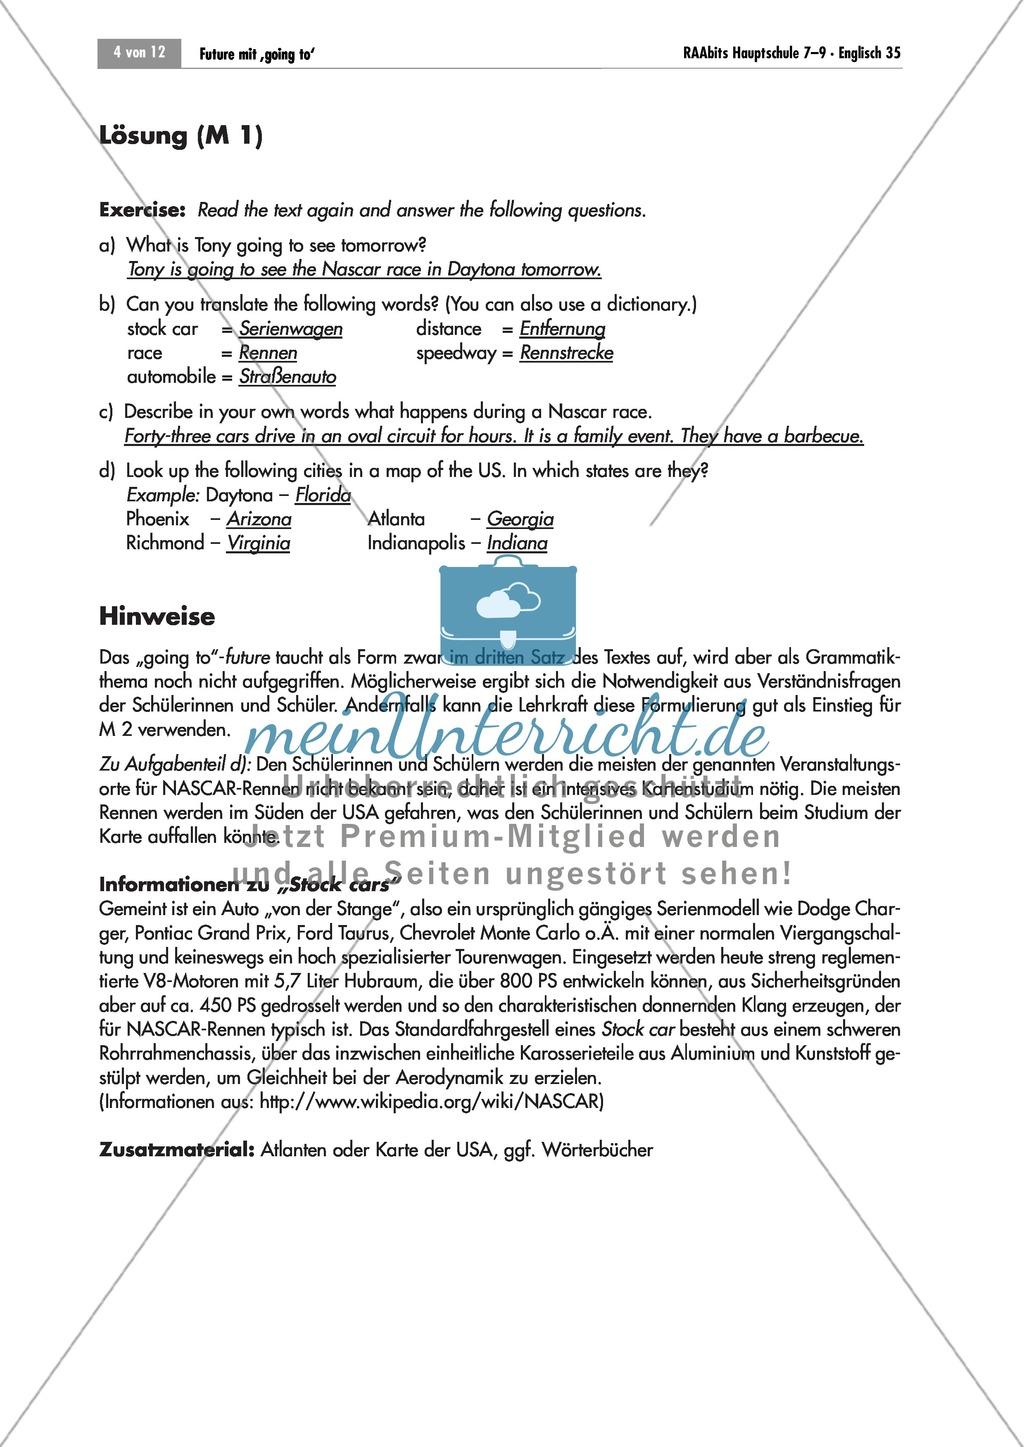 Ubungen Zum Going To Futur Anhand Des Themas Nascar Rennen Arbeitsblatter Losungen